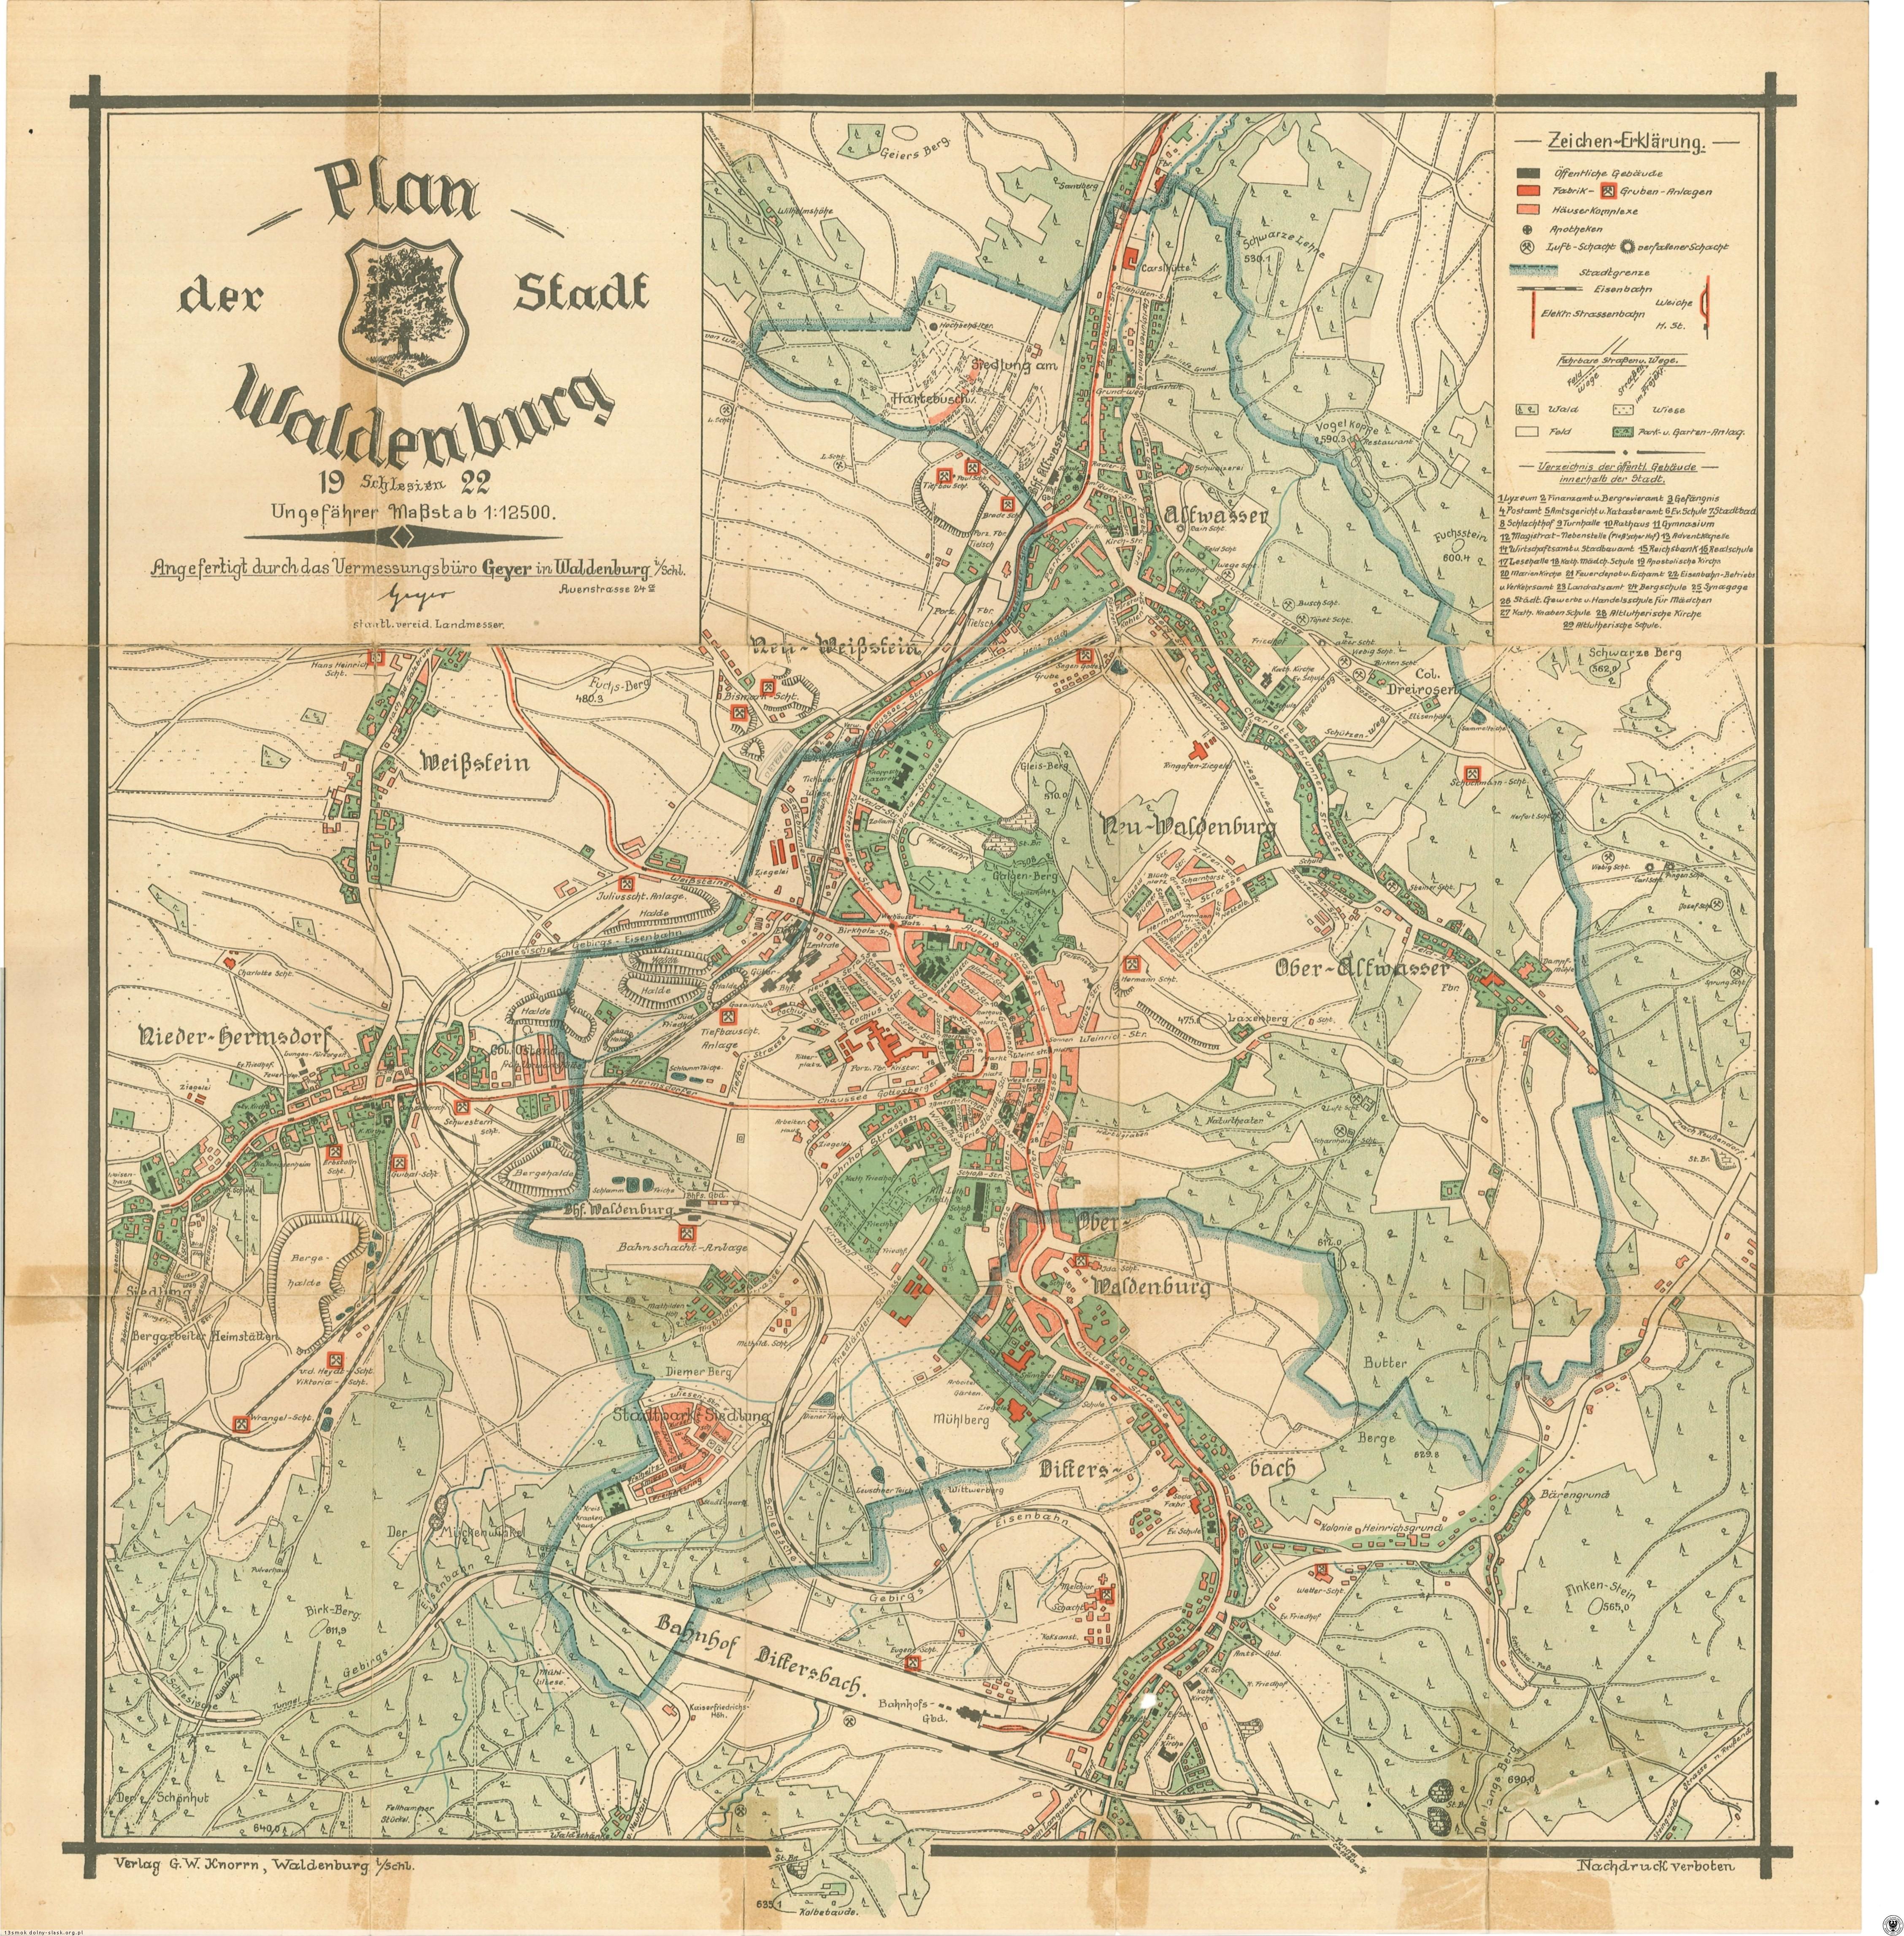 Mapy I Plany Walbrzych Walbrzych Zdjecia